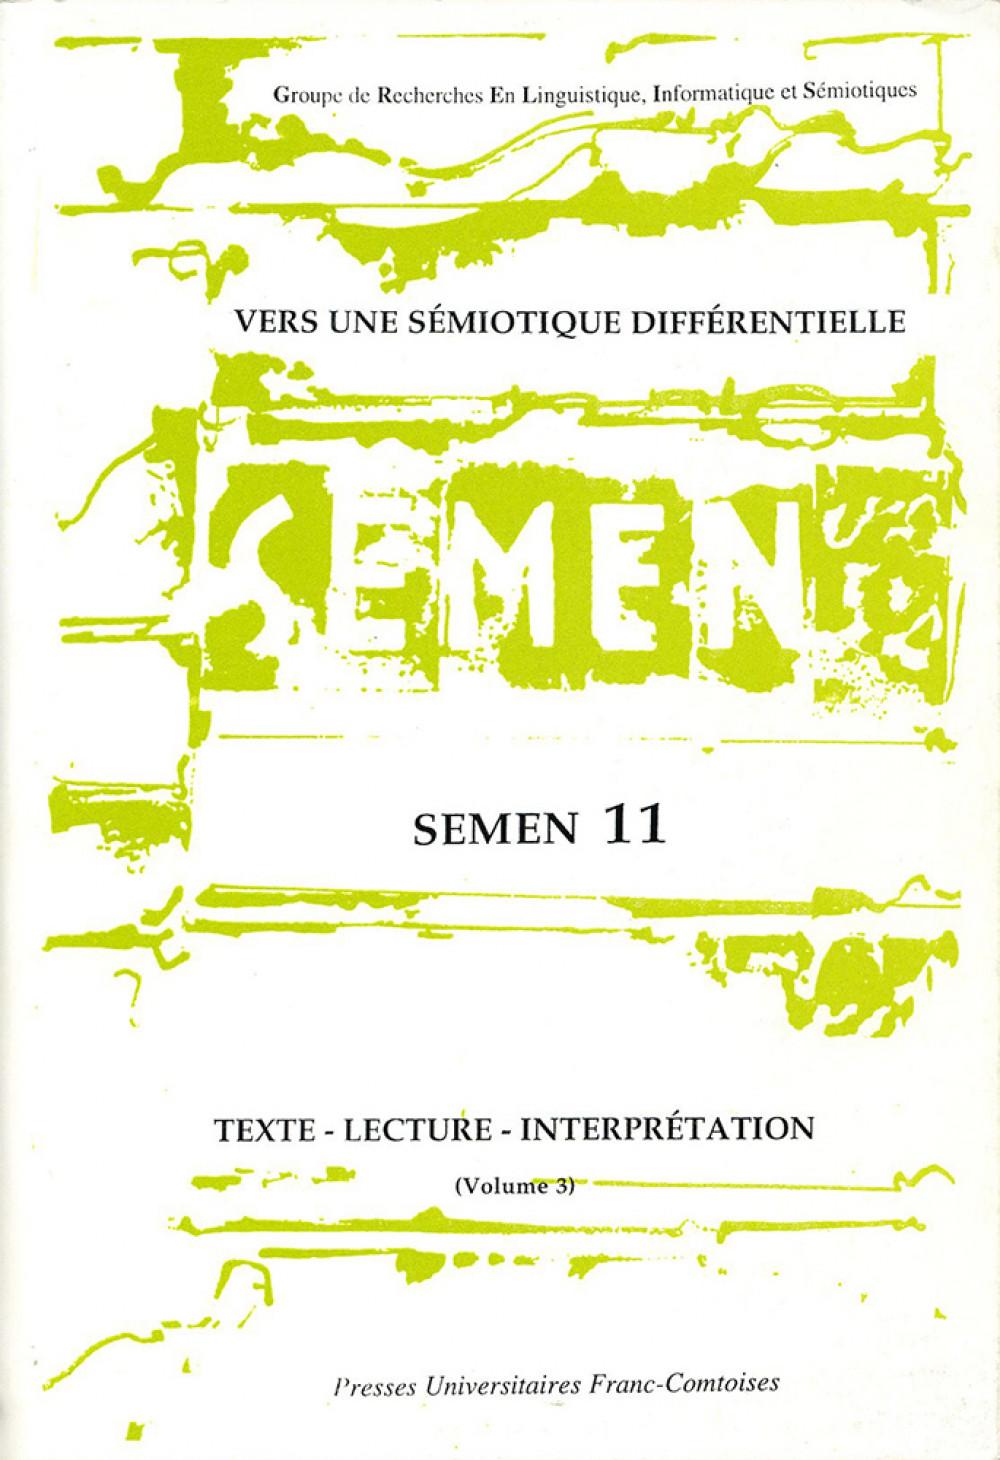 Semen 11